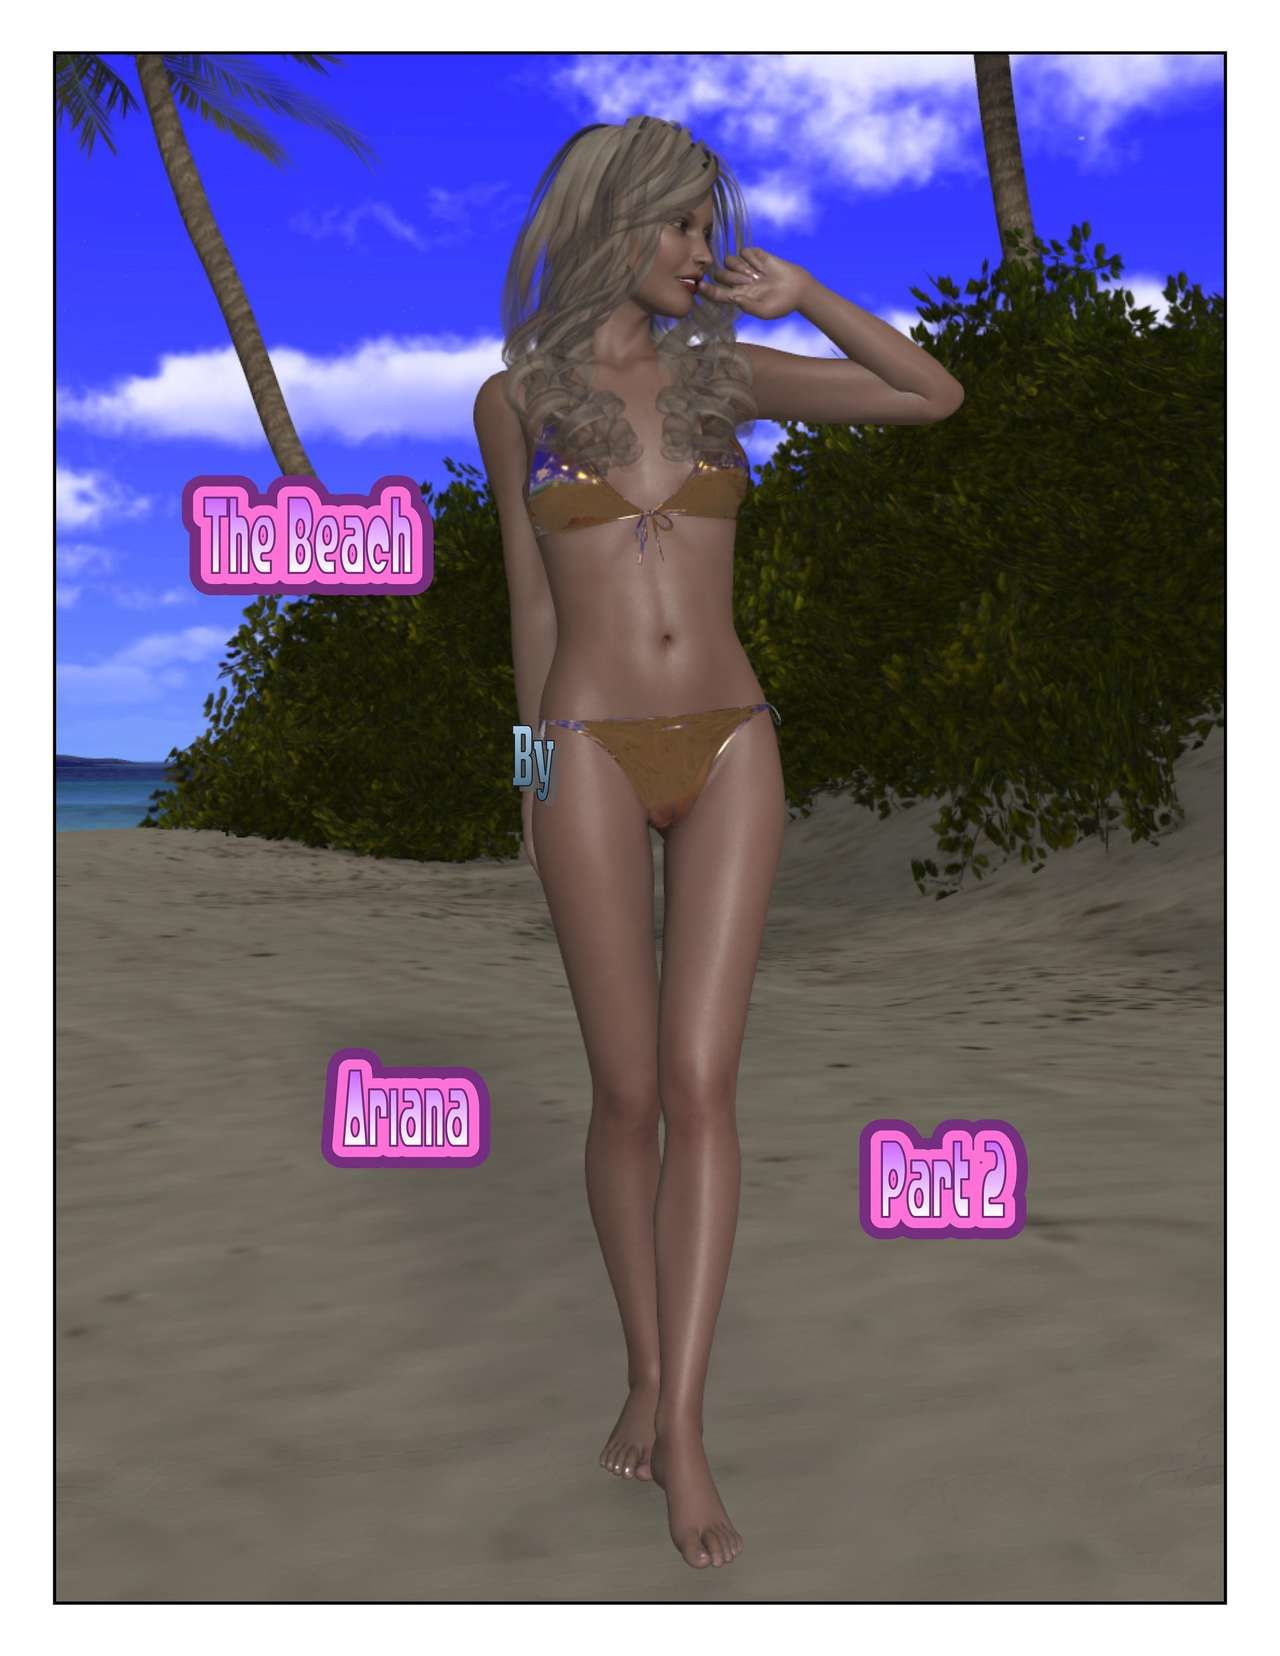 [Ariana] The Beach - part 4